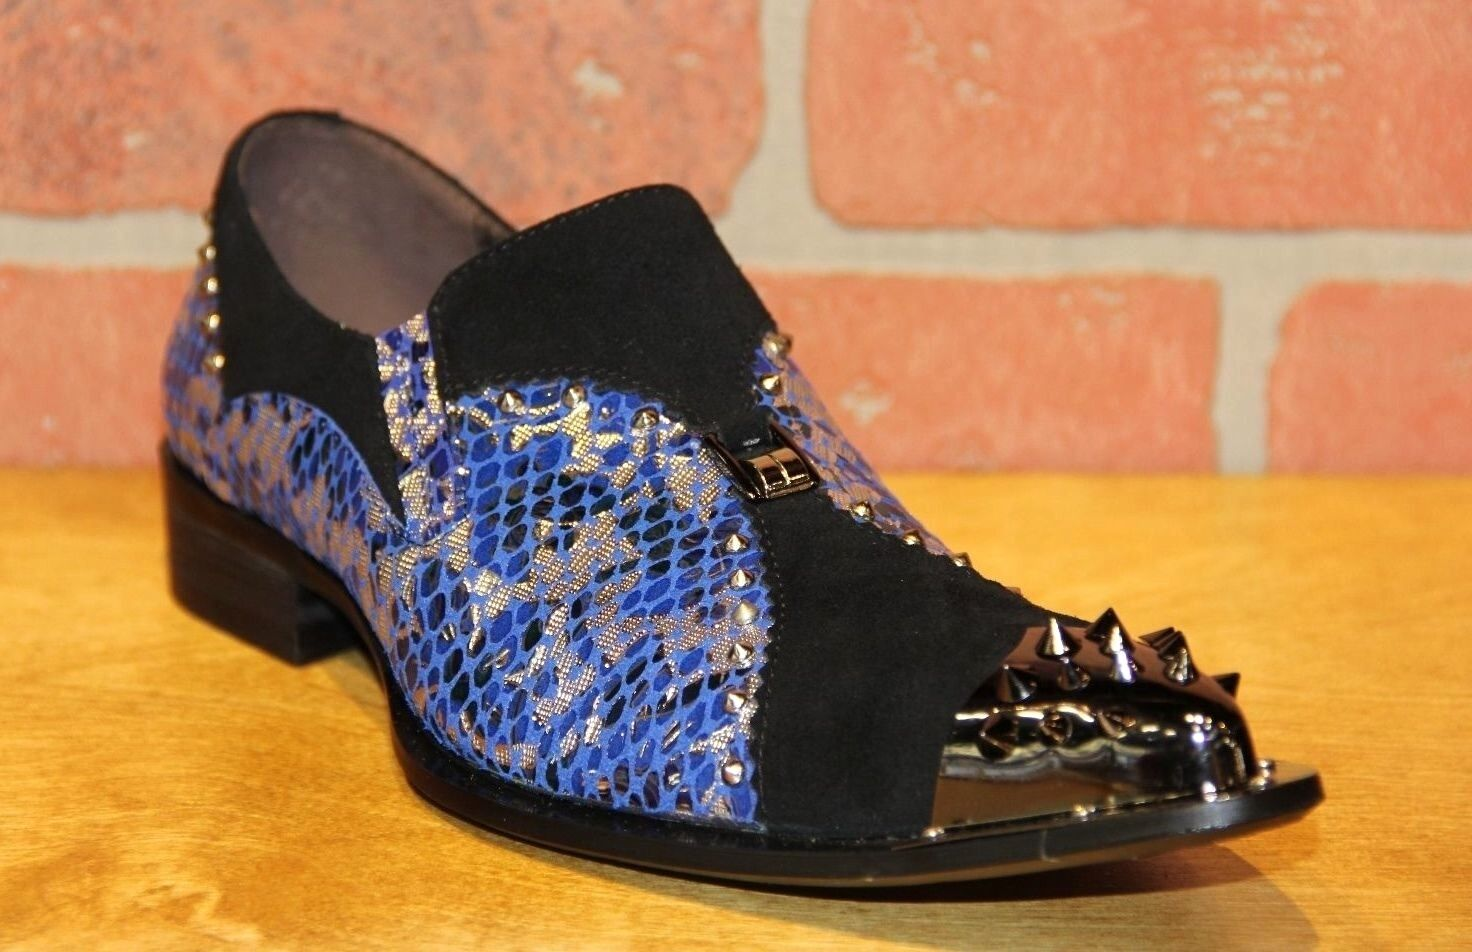 ZOTA único Para hombre Azul Plata Negro De Cuero Calzado Sin Cordones De Moda G736-13A